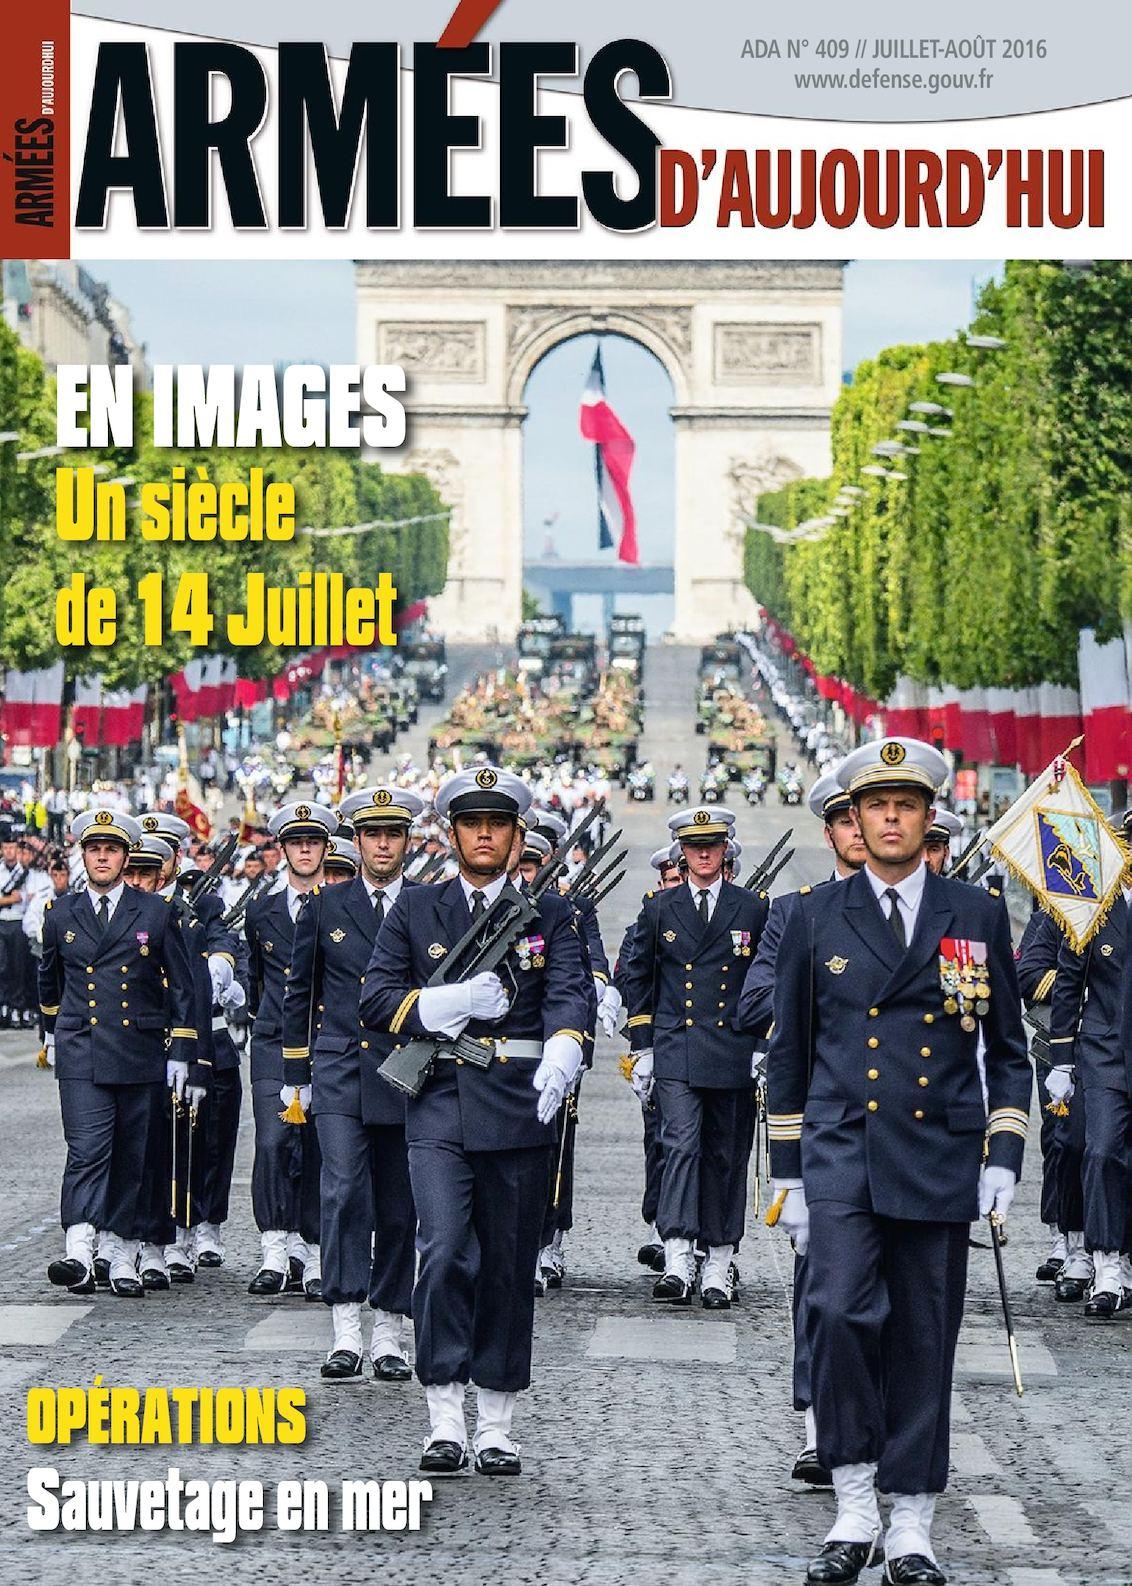 Armées d'aujourd'hui n° 409 Juillet - août 2016